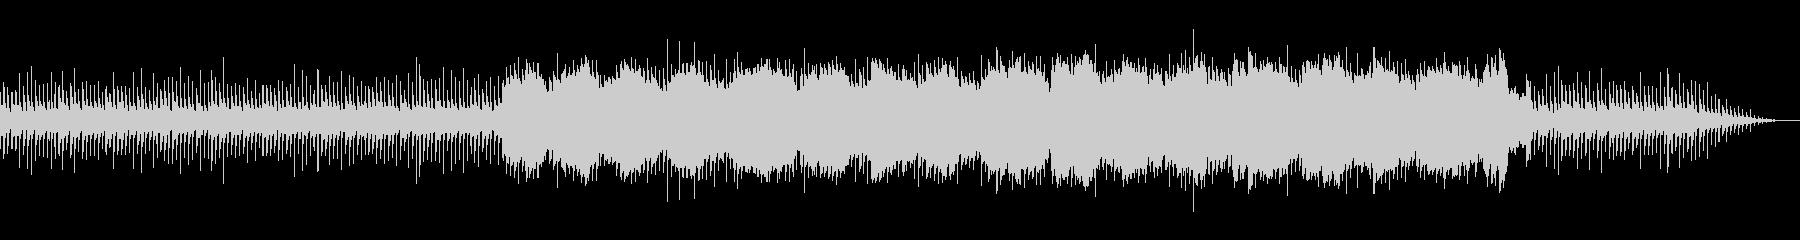 今までのデータを考察してる時のような曲の未再生の波形